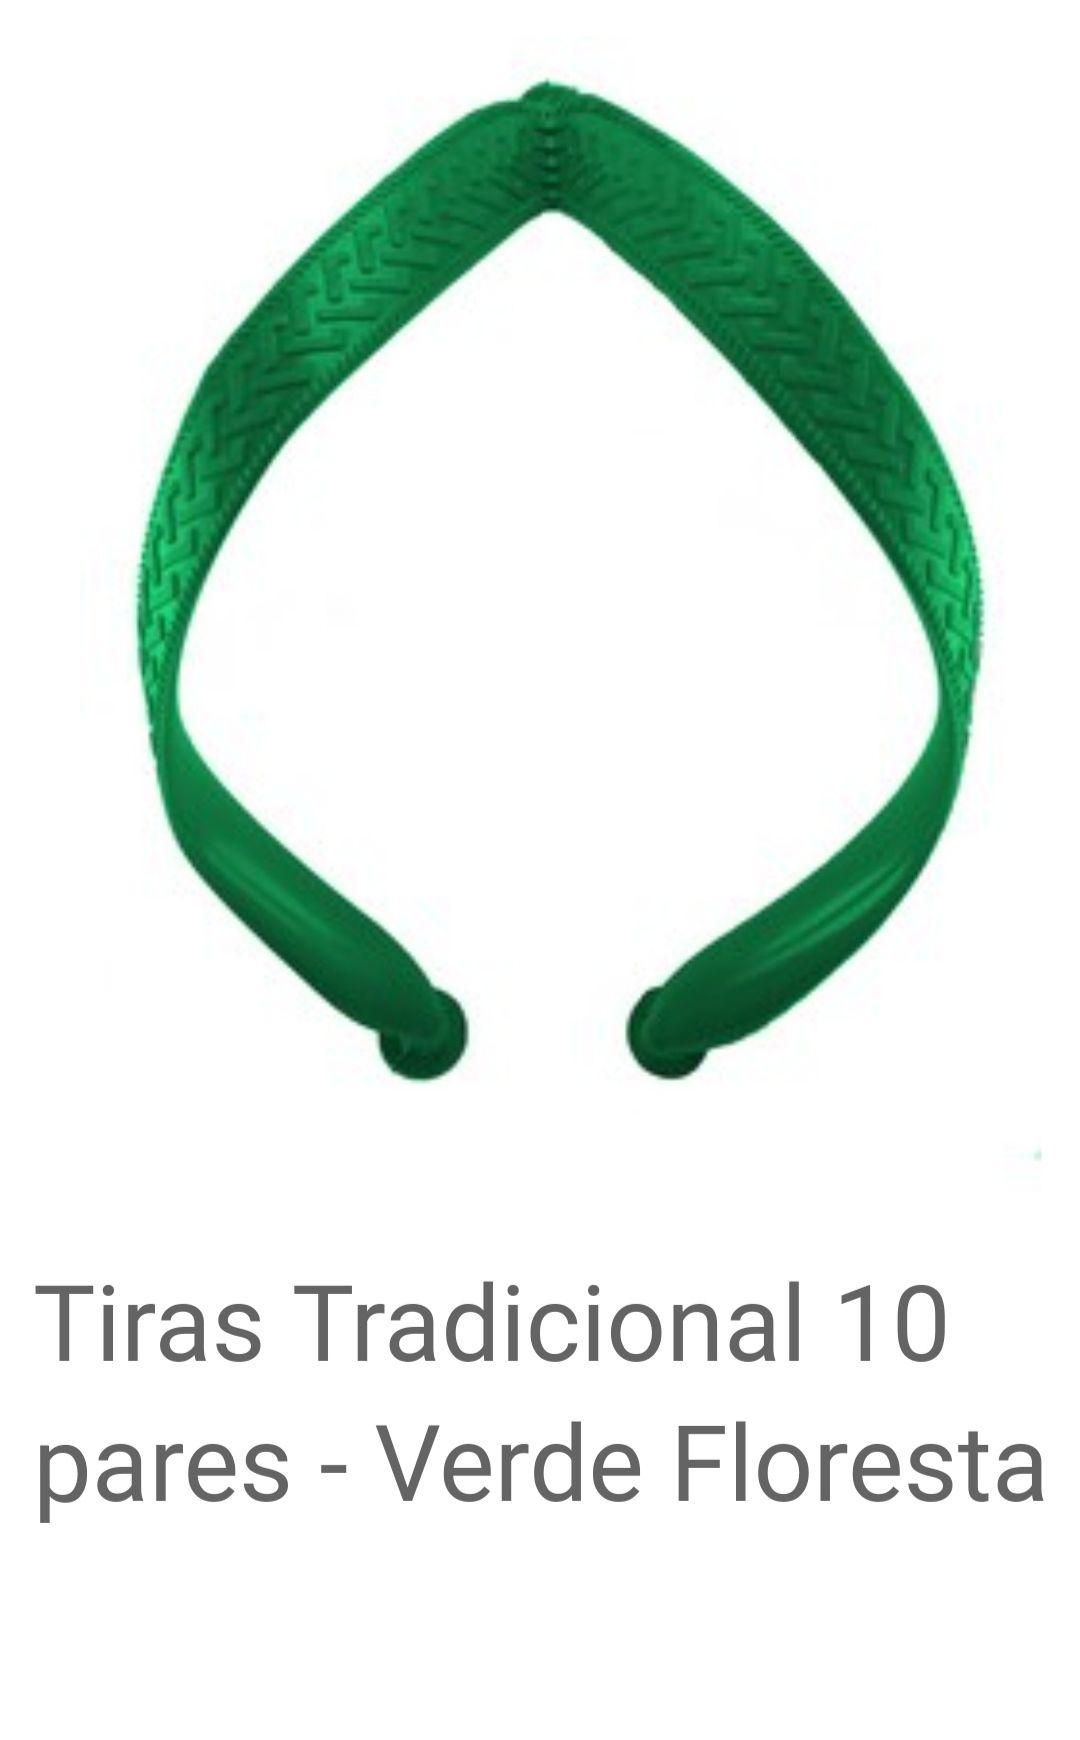 Tiras Tradicional Verde Floresta com 10 pares